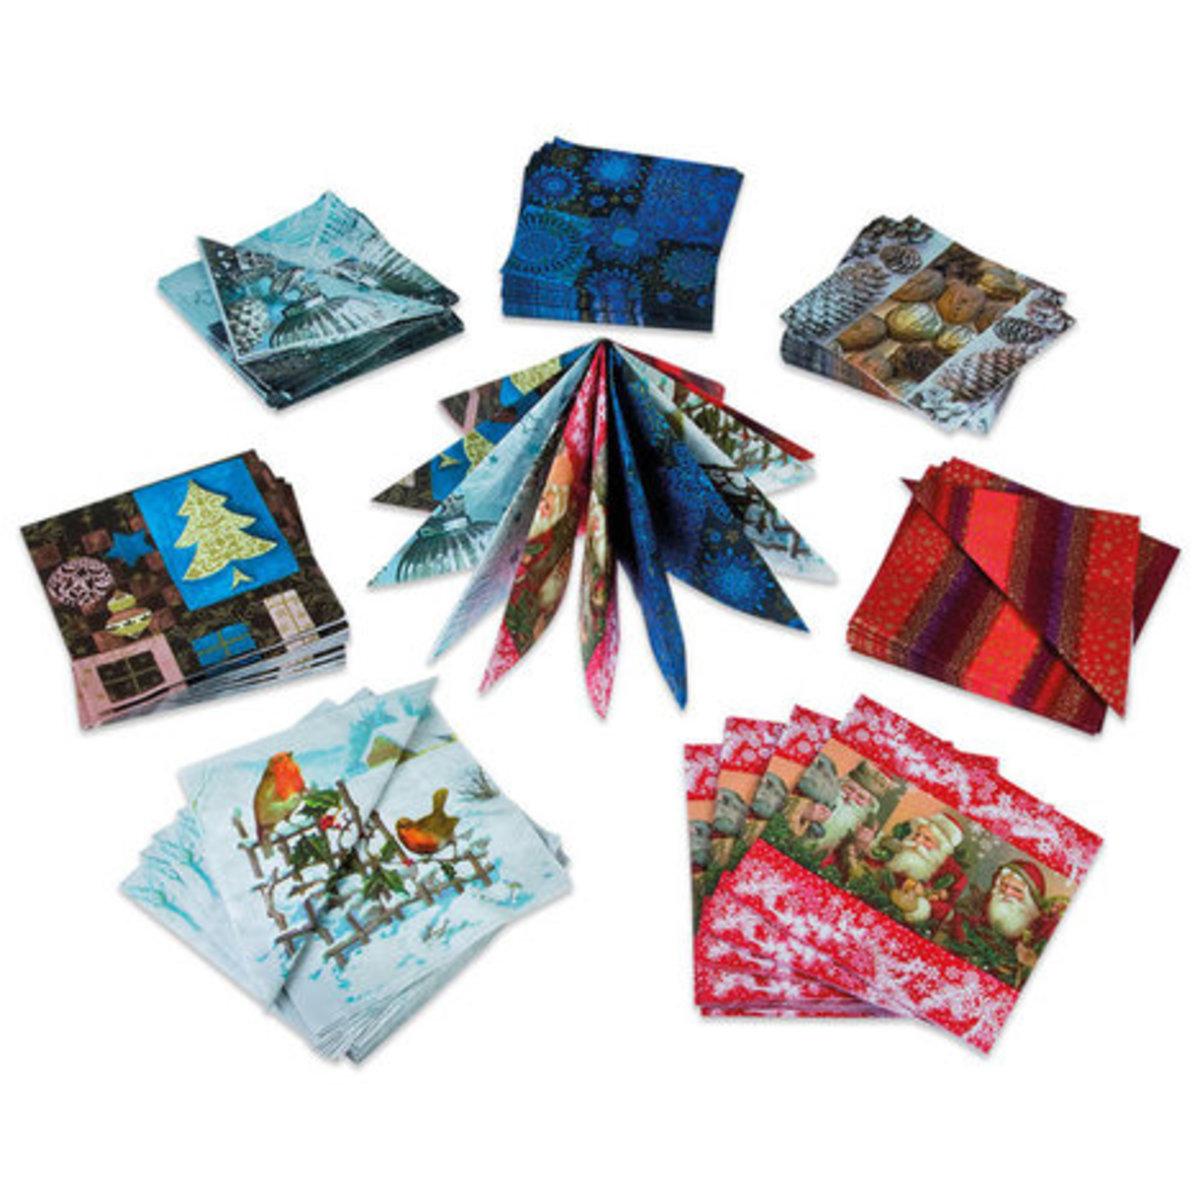 Bild 1 von Weihnachtsservietten - sortierte Motive - 20er-Pack